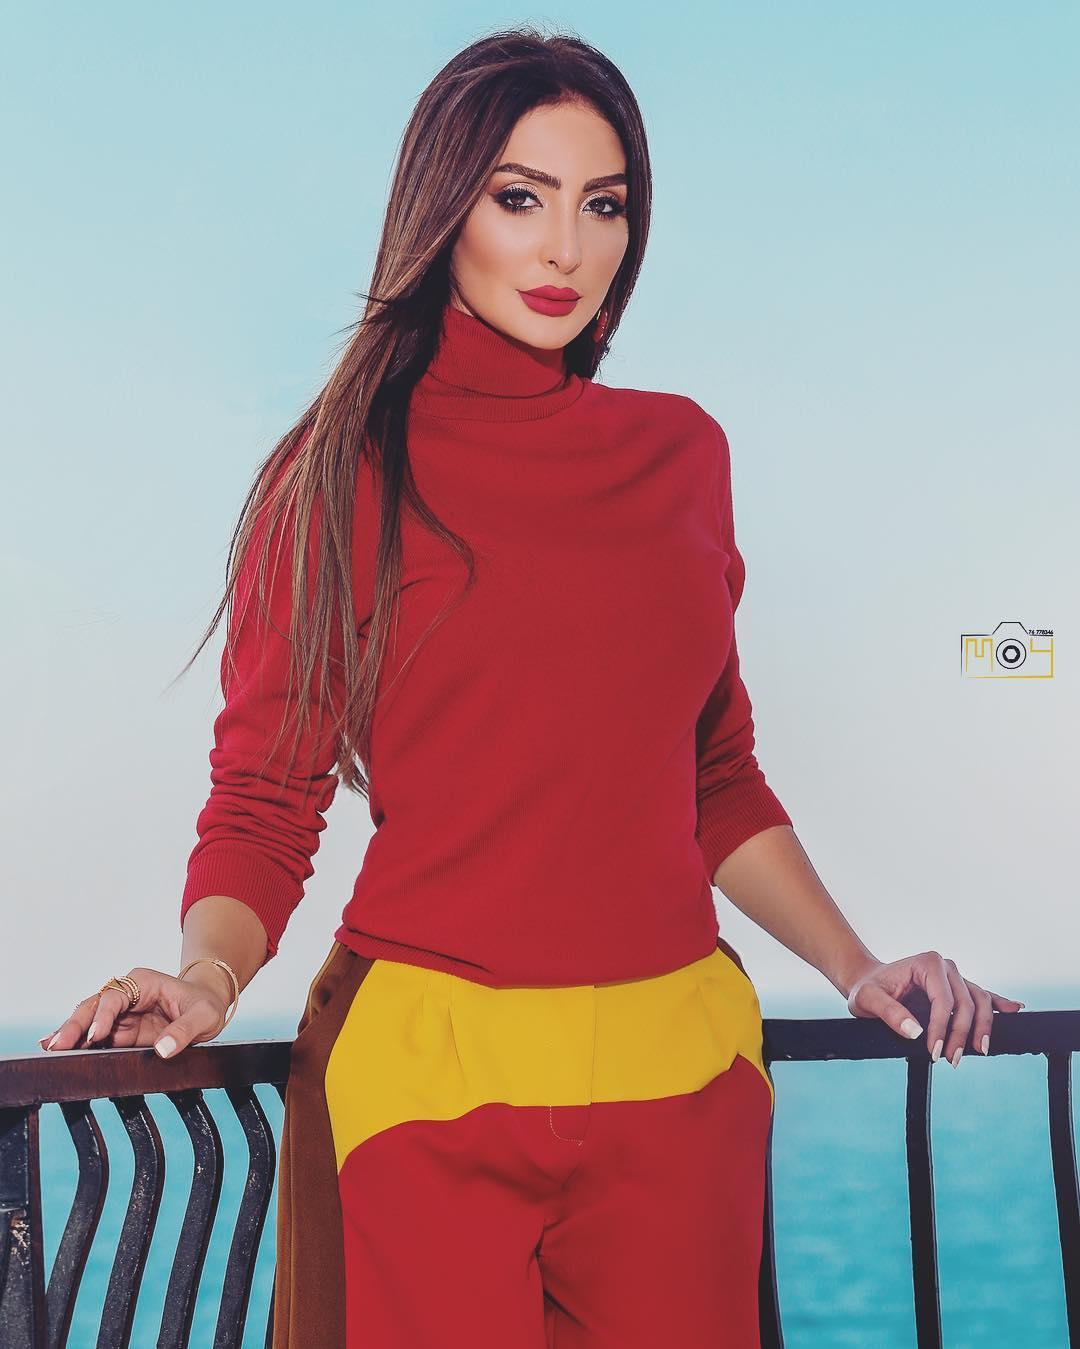 الفنانة الكويتية الغندور 2019 156984611382.jpg